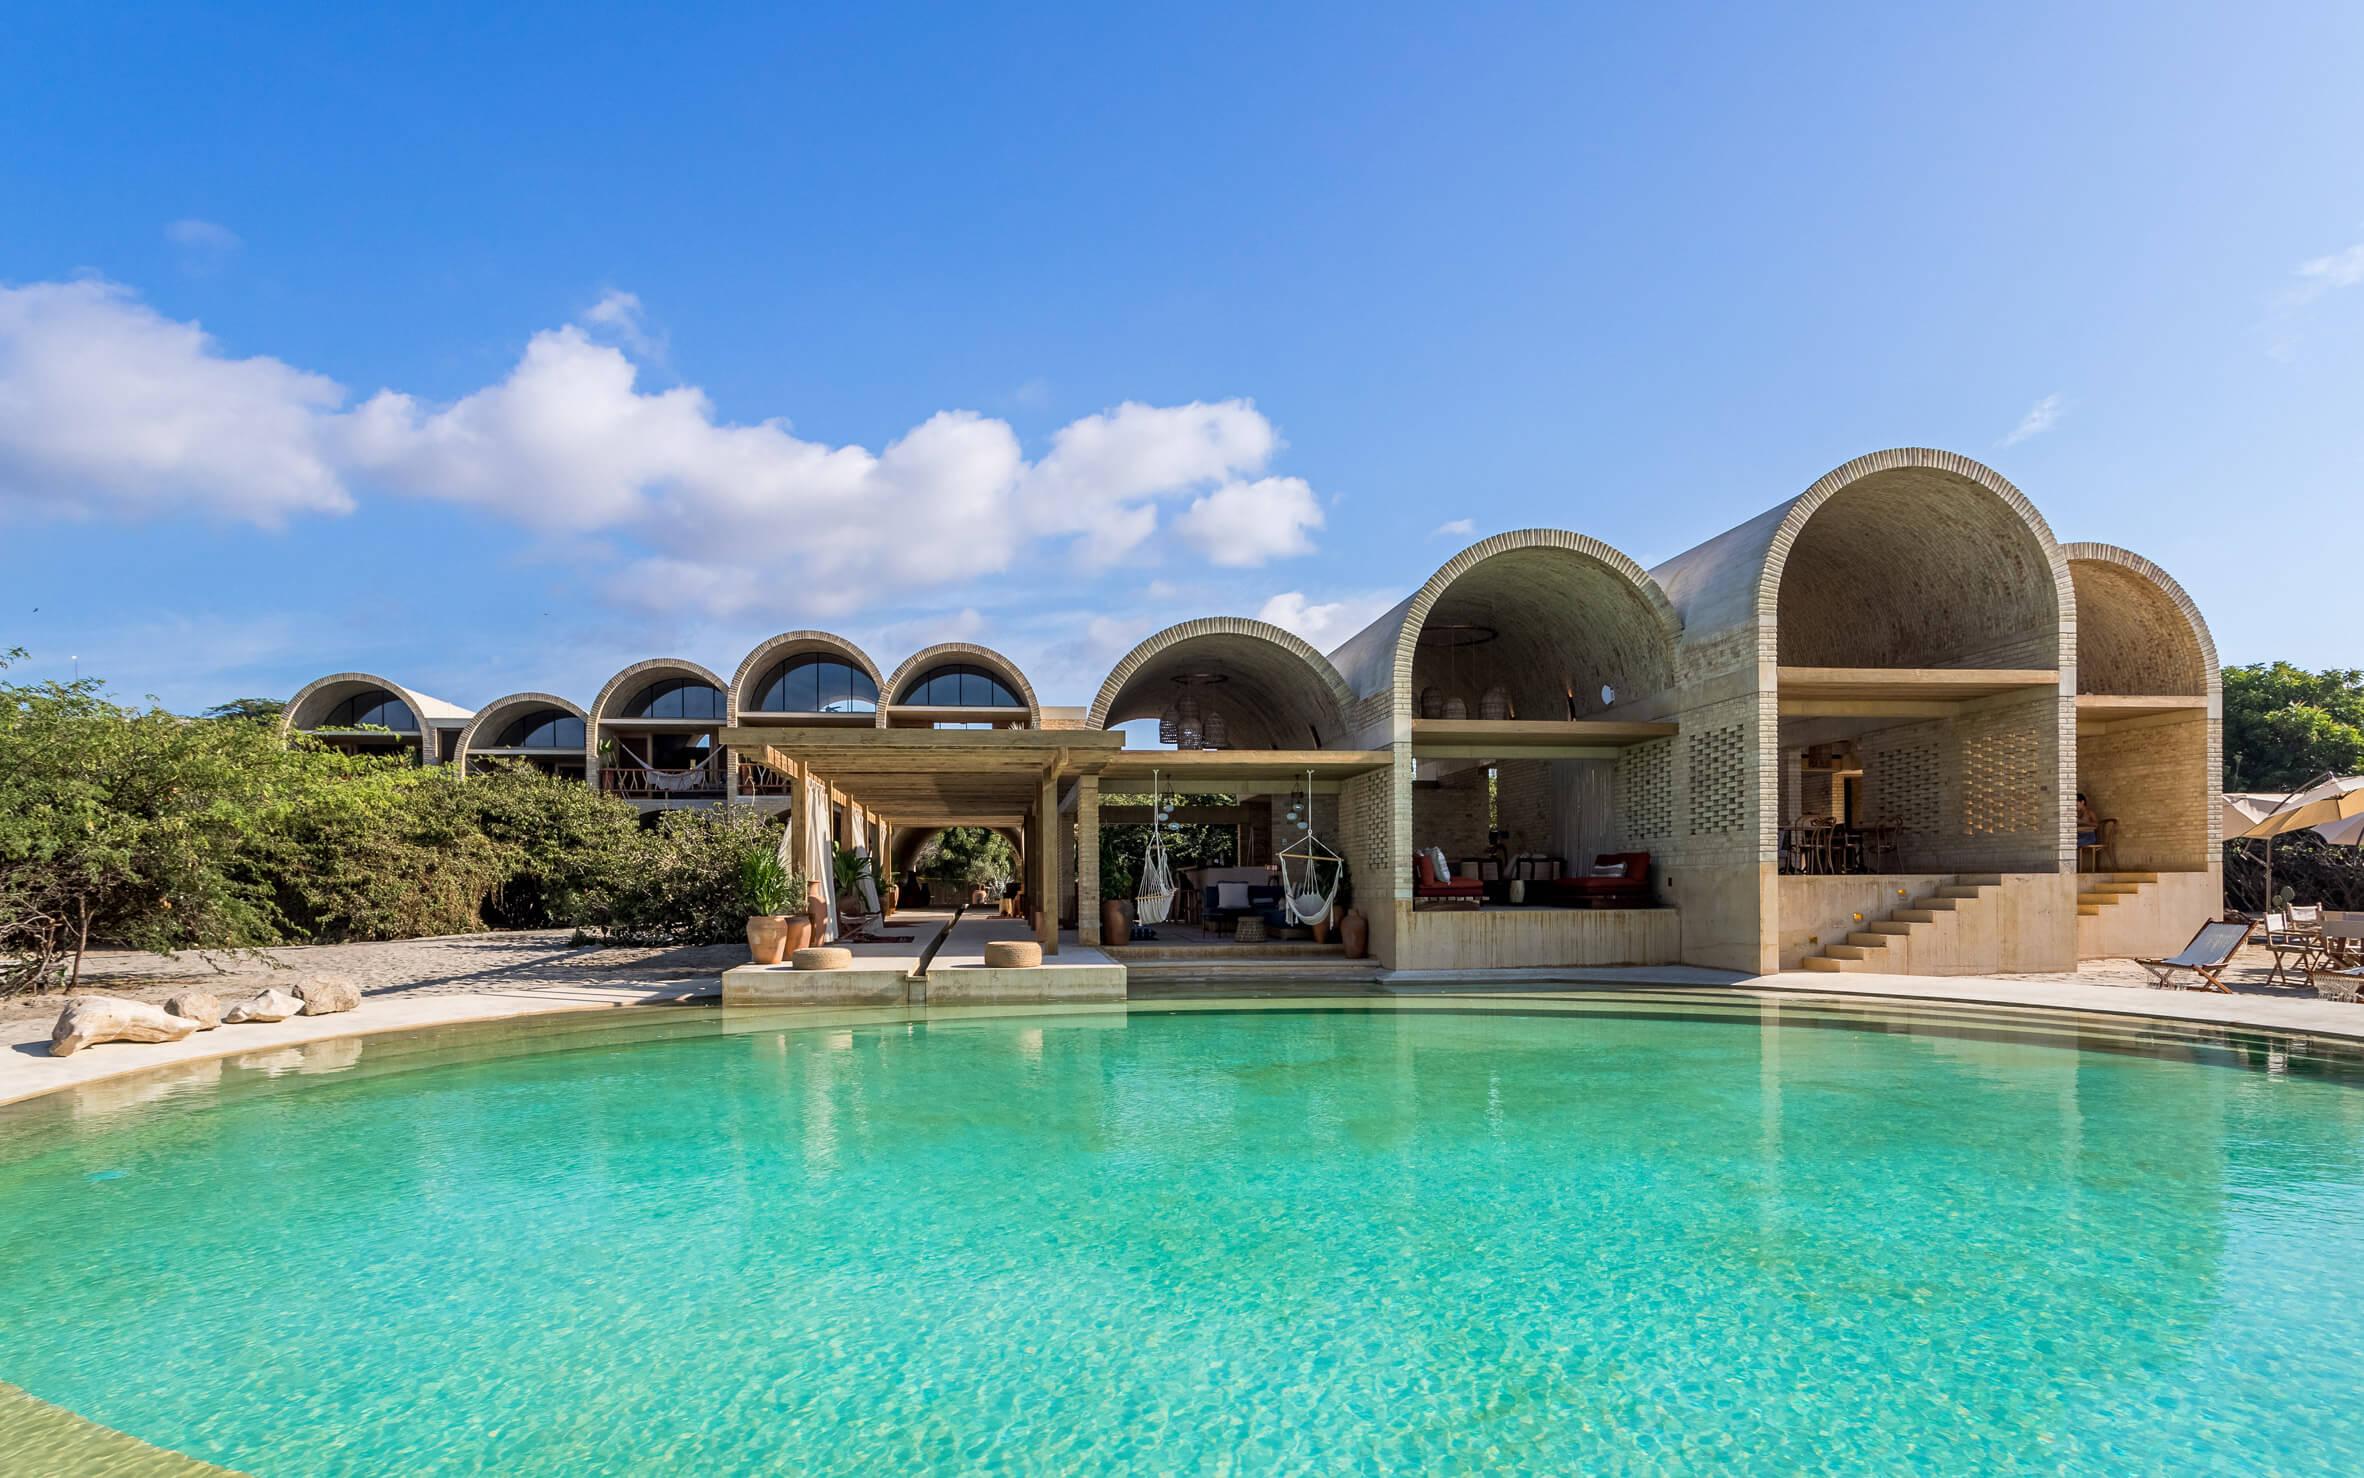 Arched volumes define Casona Sforza resort in Mexico by Alberto Kalach